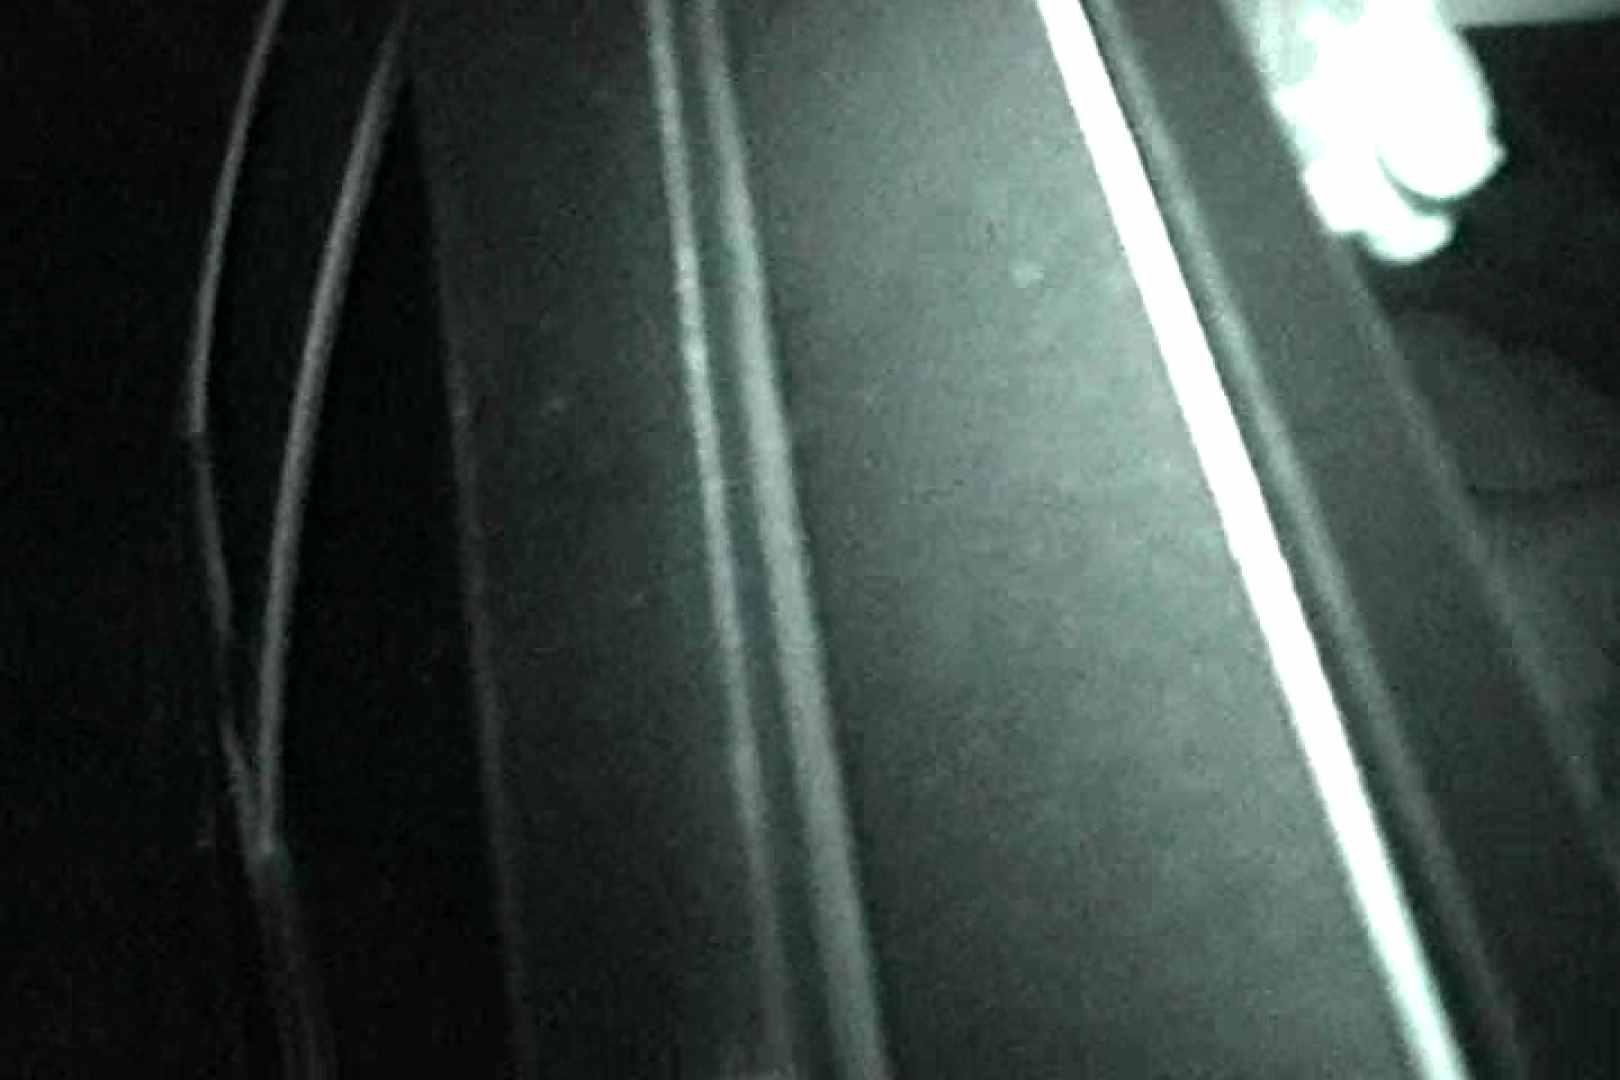 充血監督の深夜の運動会Vol.3 車 エロ画像 76pic 47